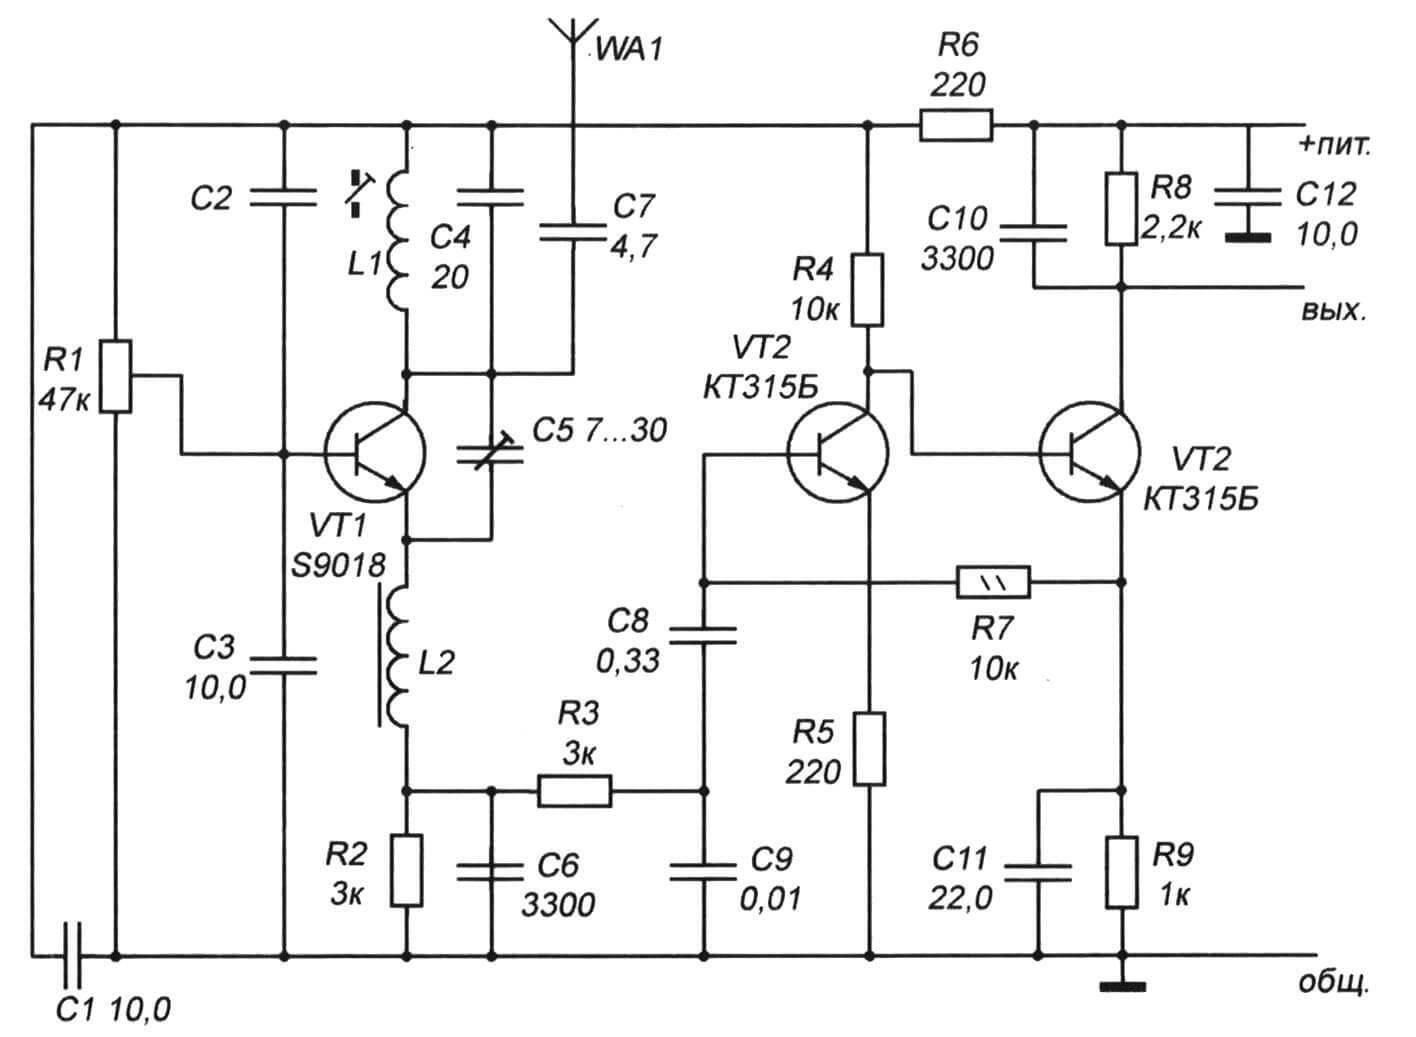 Приемный модуль диапазона 40,7 МГц. Схема принципиальная